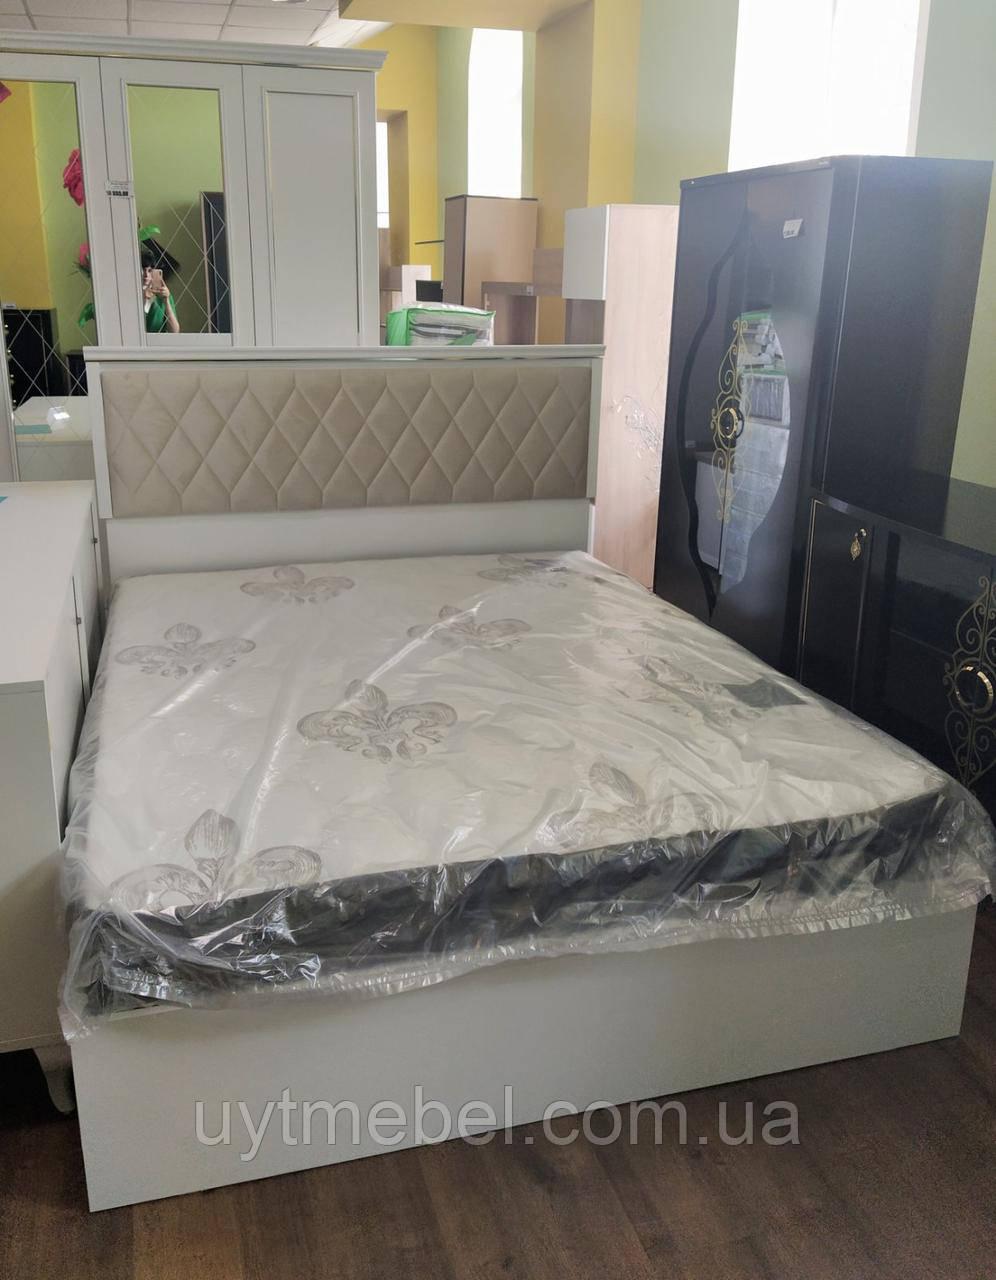 Ліжко Volga 1600х2000 + підйом. білий (Беллона)